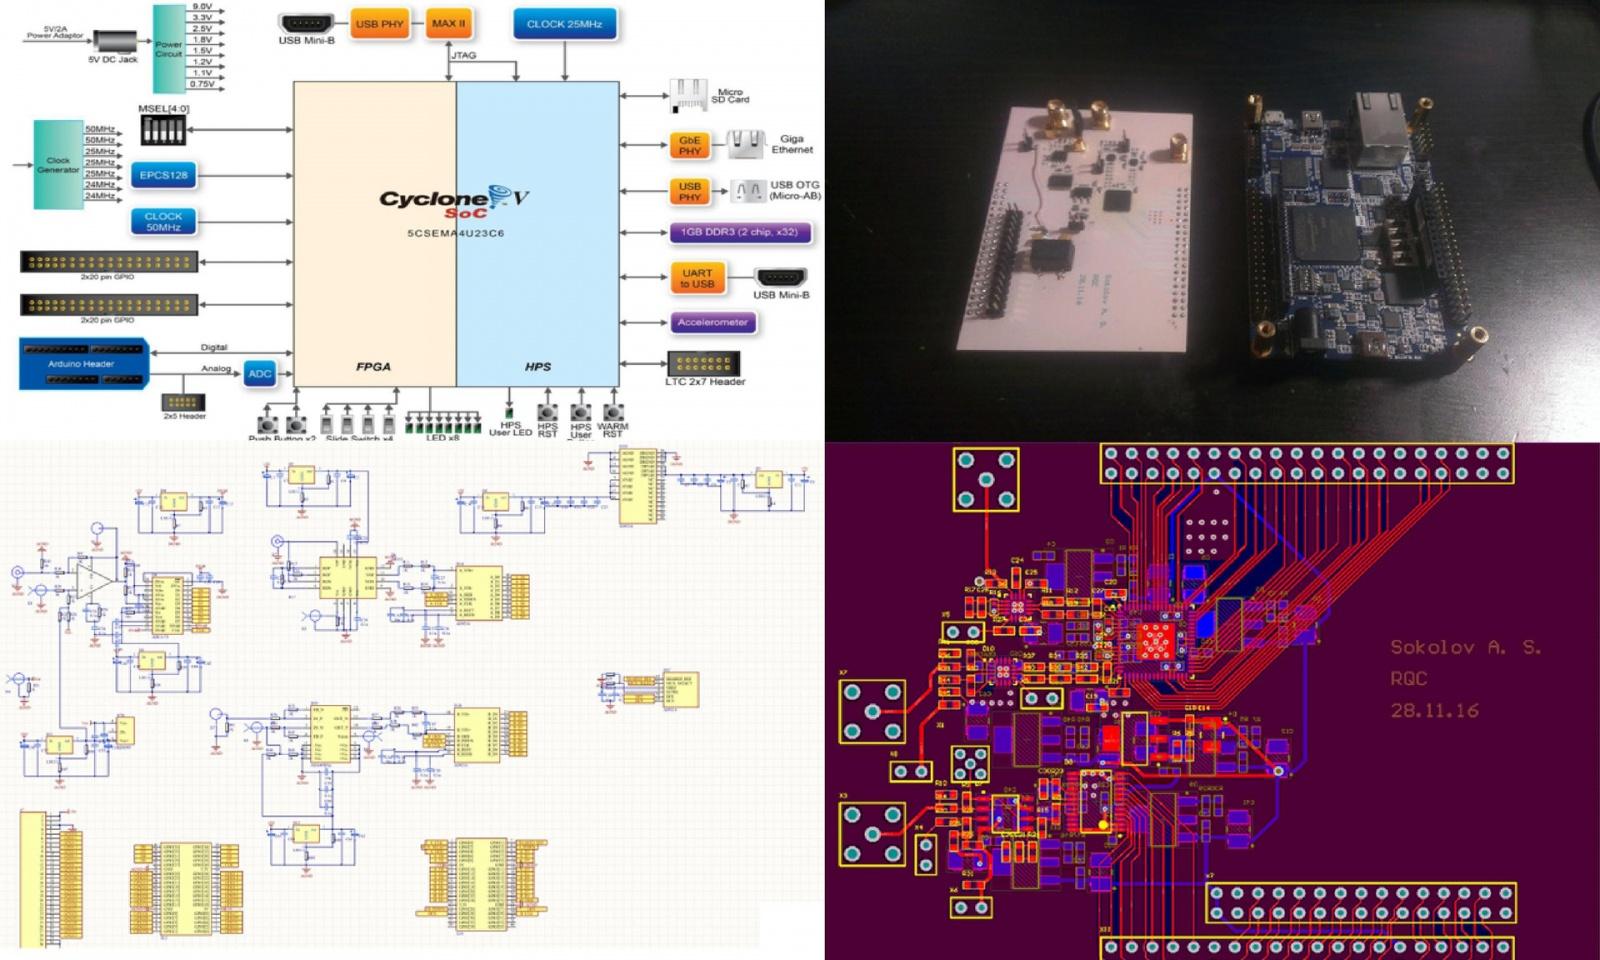 Секвенирование ДНК в домашних условиях: Как на коленке собрать прибор за 10 миллионов - 15